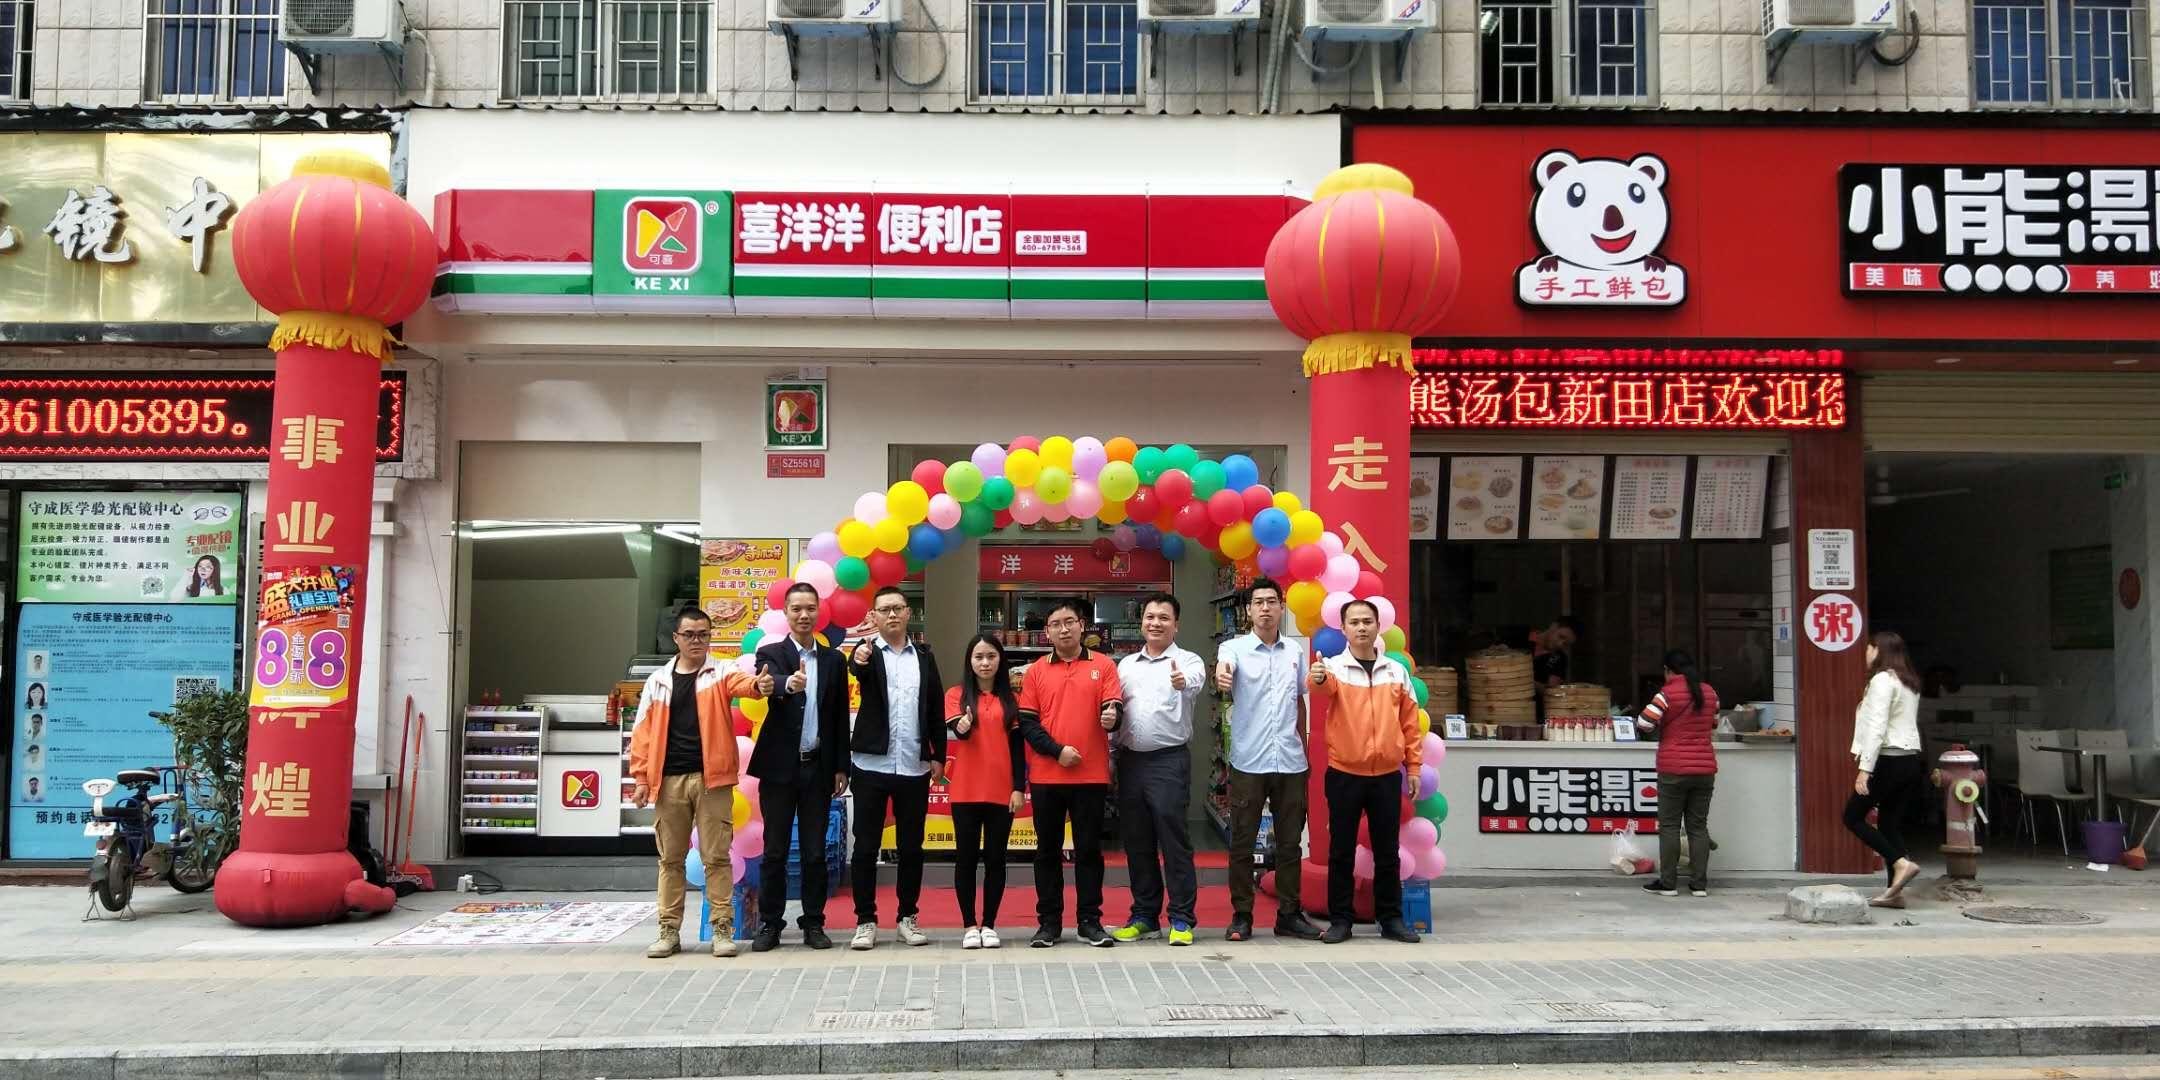 喜洋洋便利店全体员工恭祝观澜新田SZ 5561分店开业2月18日隆重开业